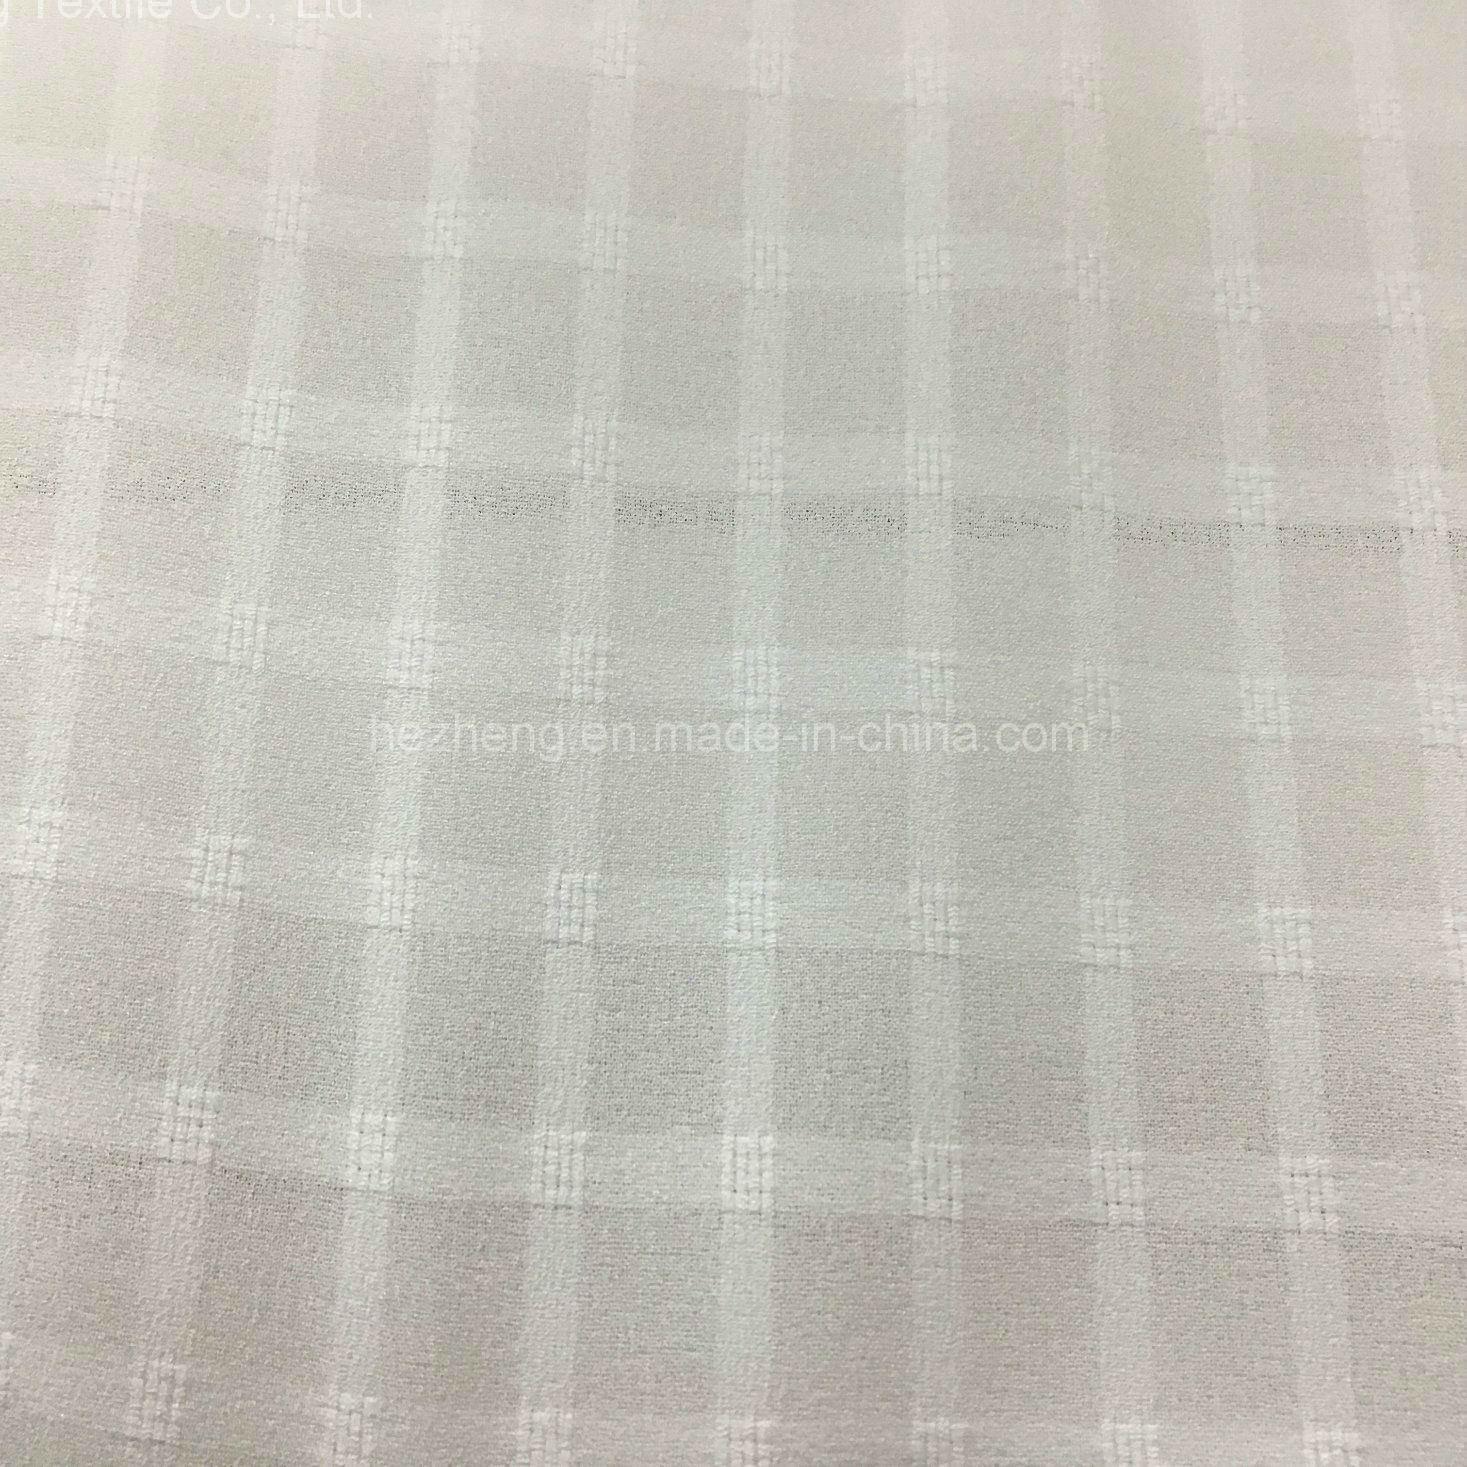 Hzs00330 Polyester Check Chiffon